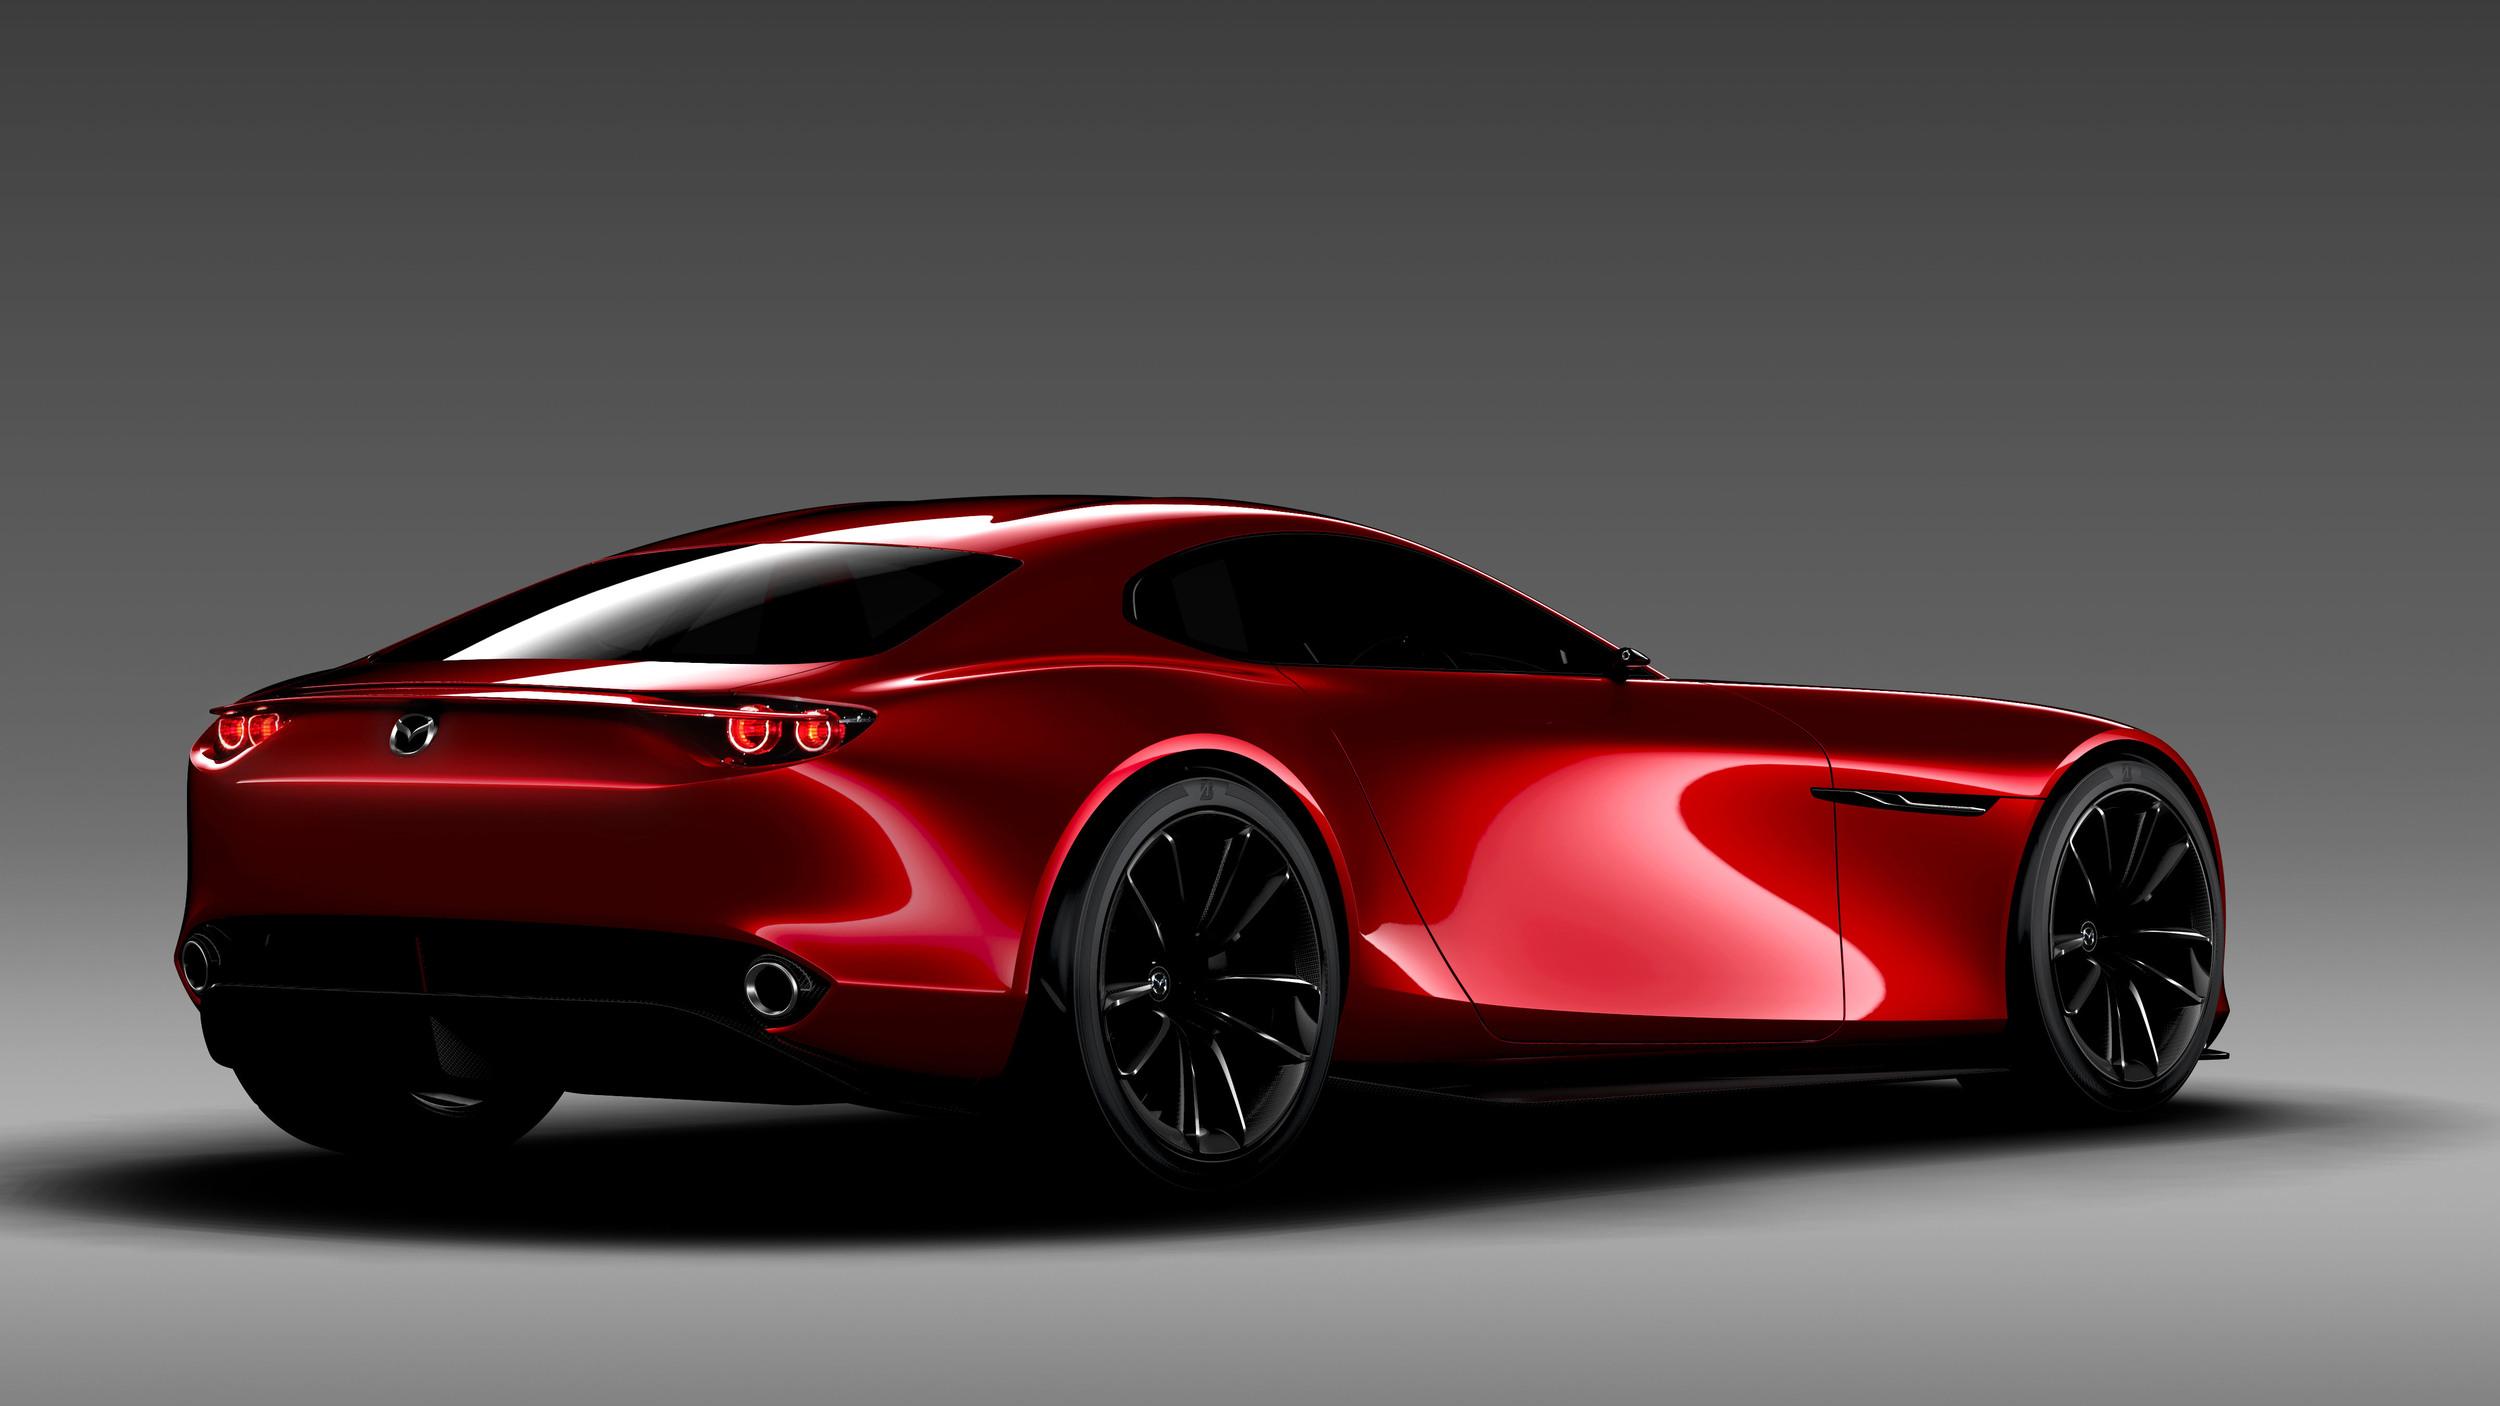 Роторный мотор свежей Мазда появится нарынке в 2020г.